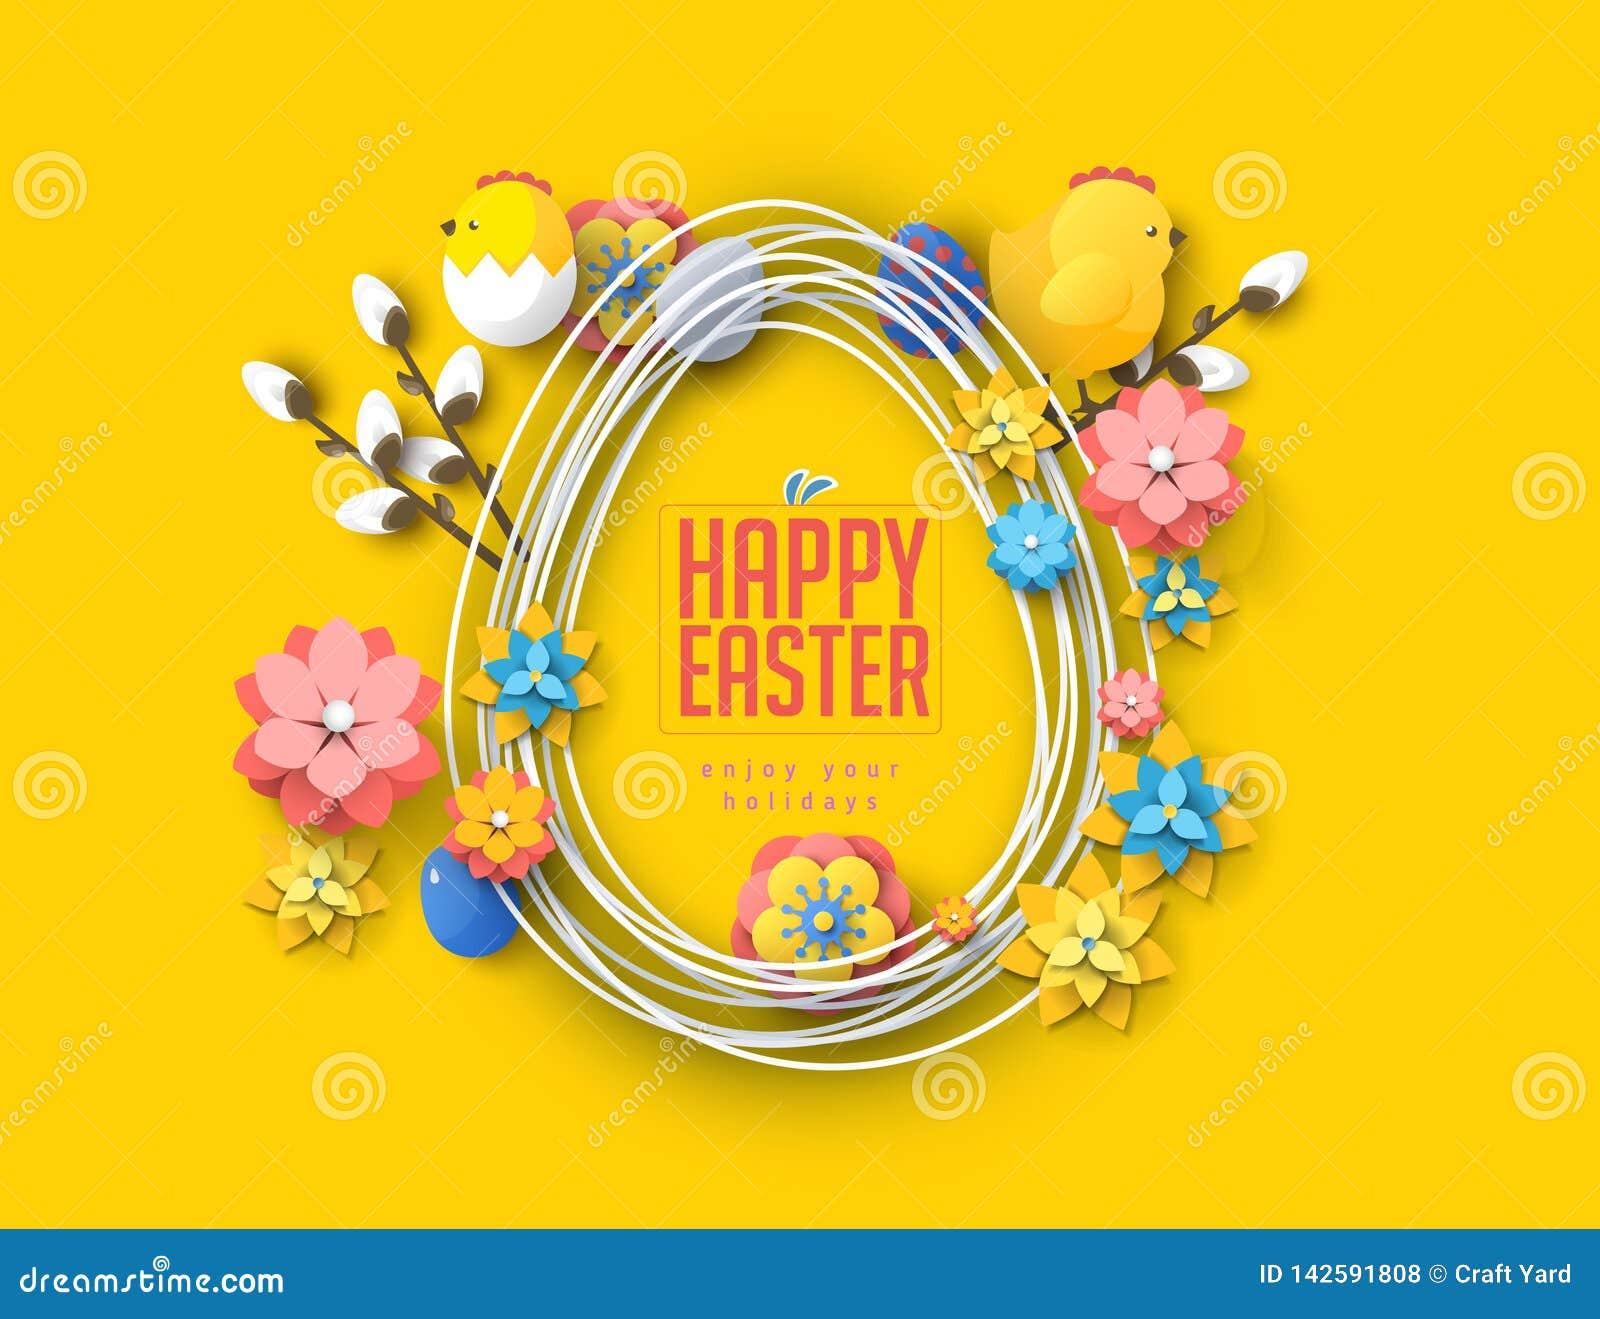 Textura abstracta del fondo del conejo colorido de los huevos del aviador de la bandera del concepto de Pascua